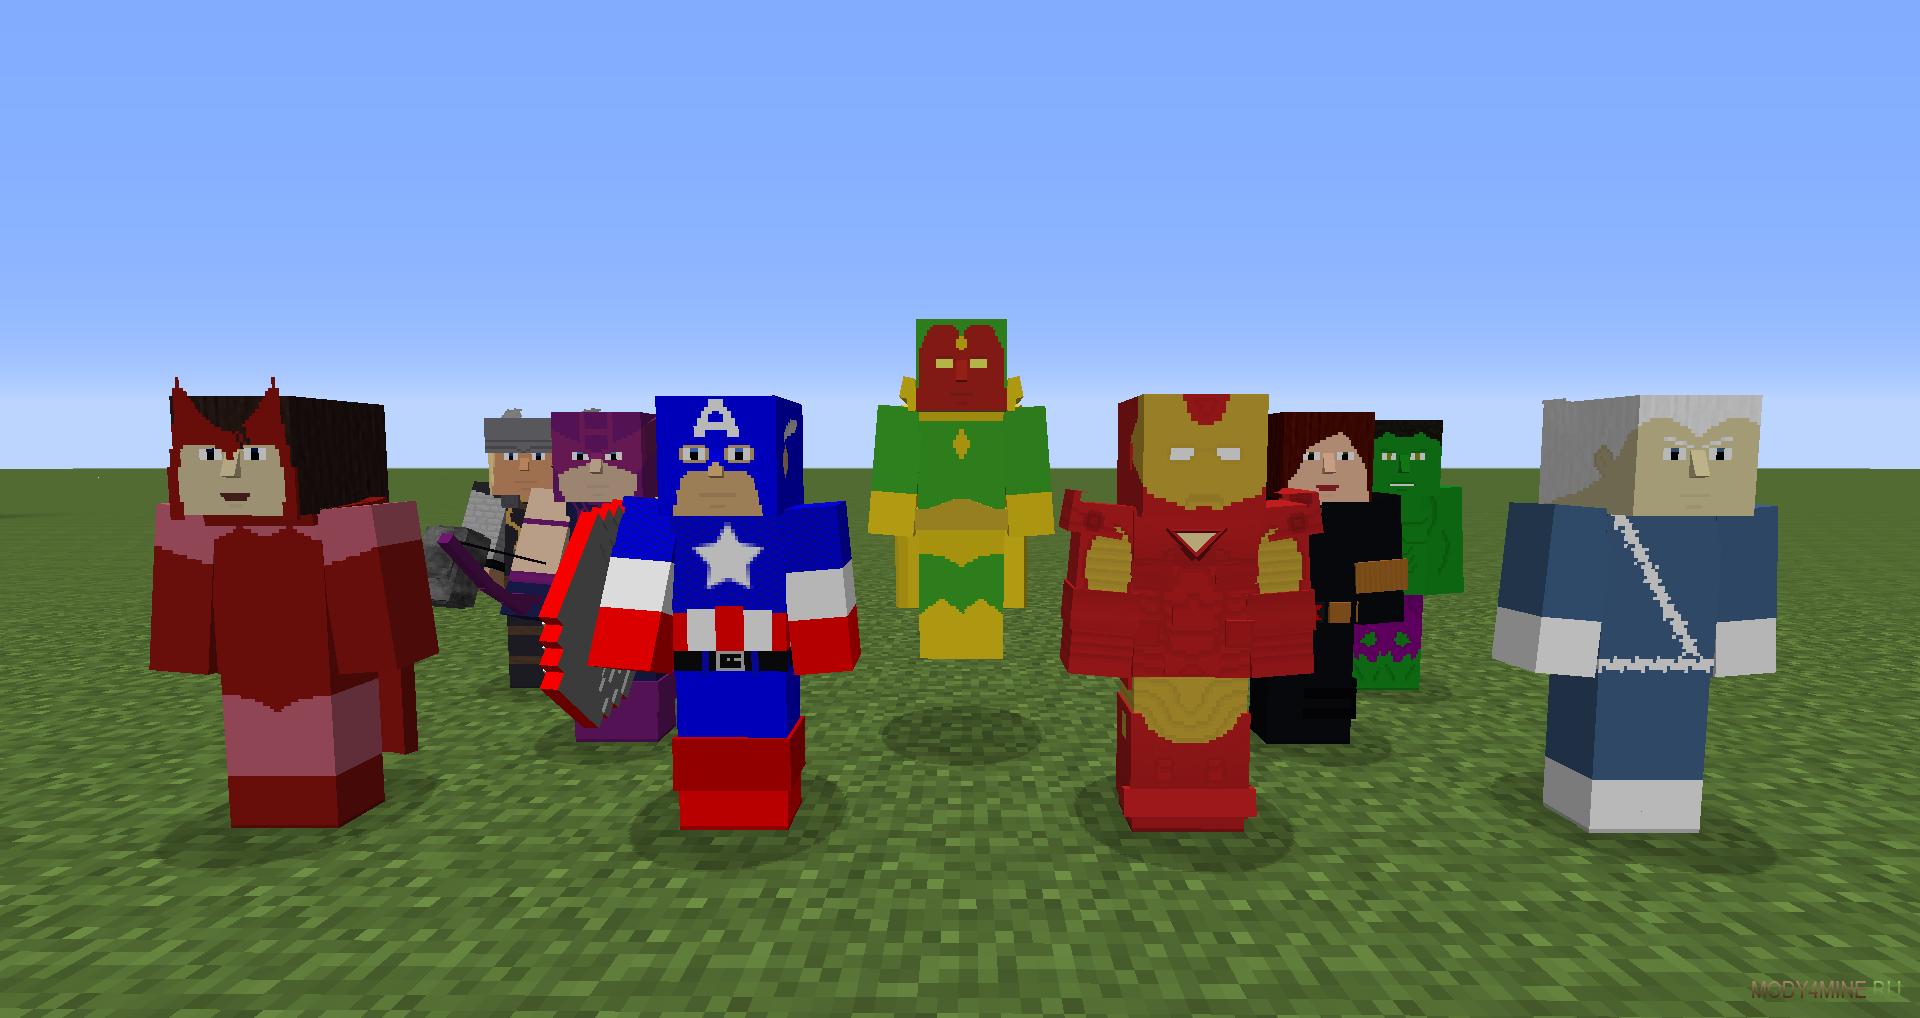 Fisk's superheroes – скачать мод на майнкрафт 1. 7. 10.